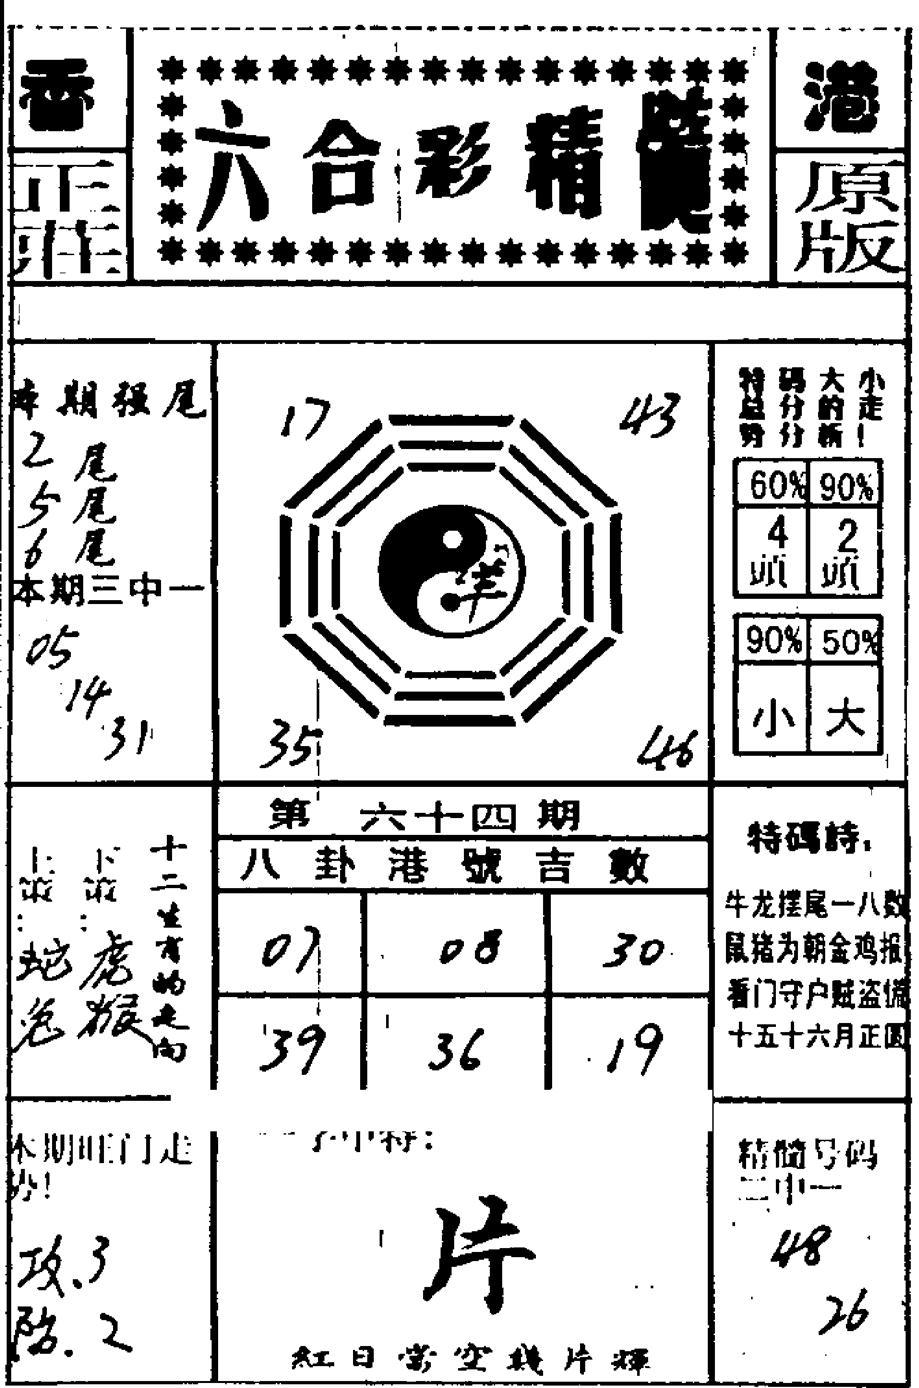 064期六合精髓(黑白)